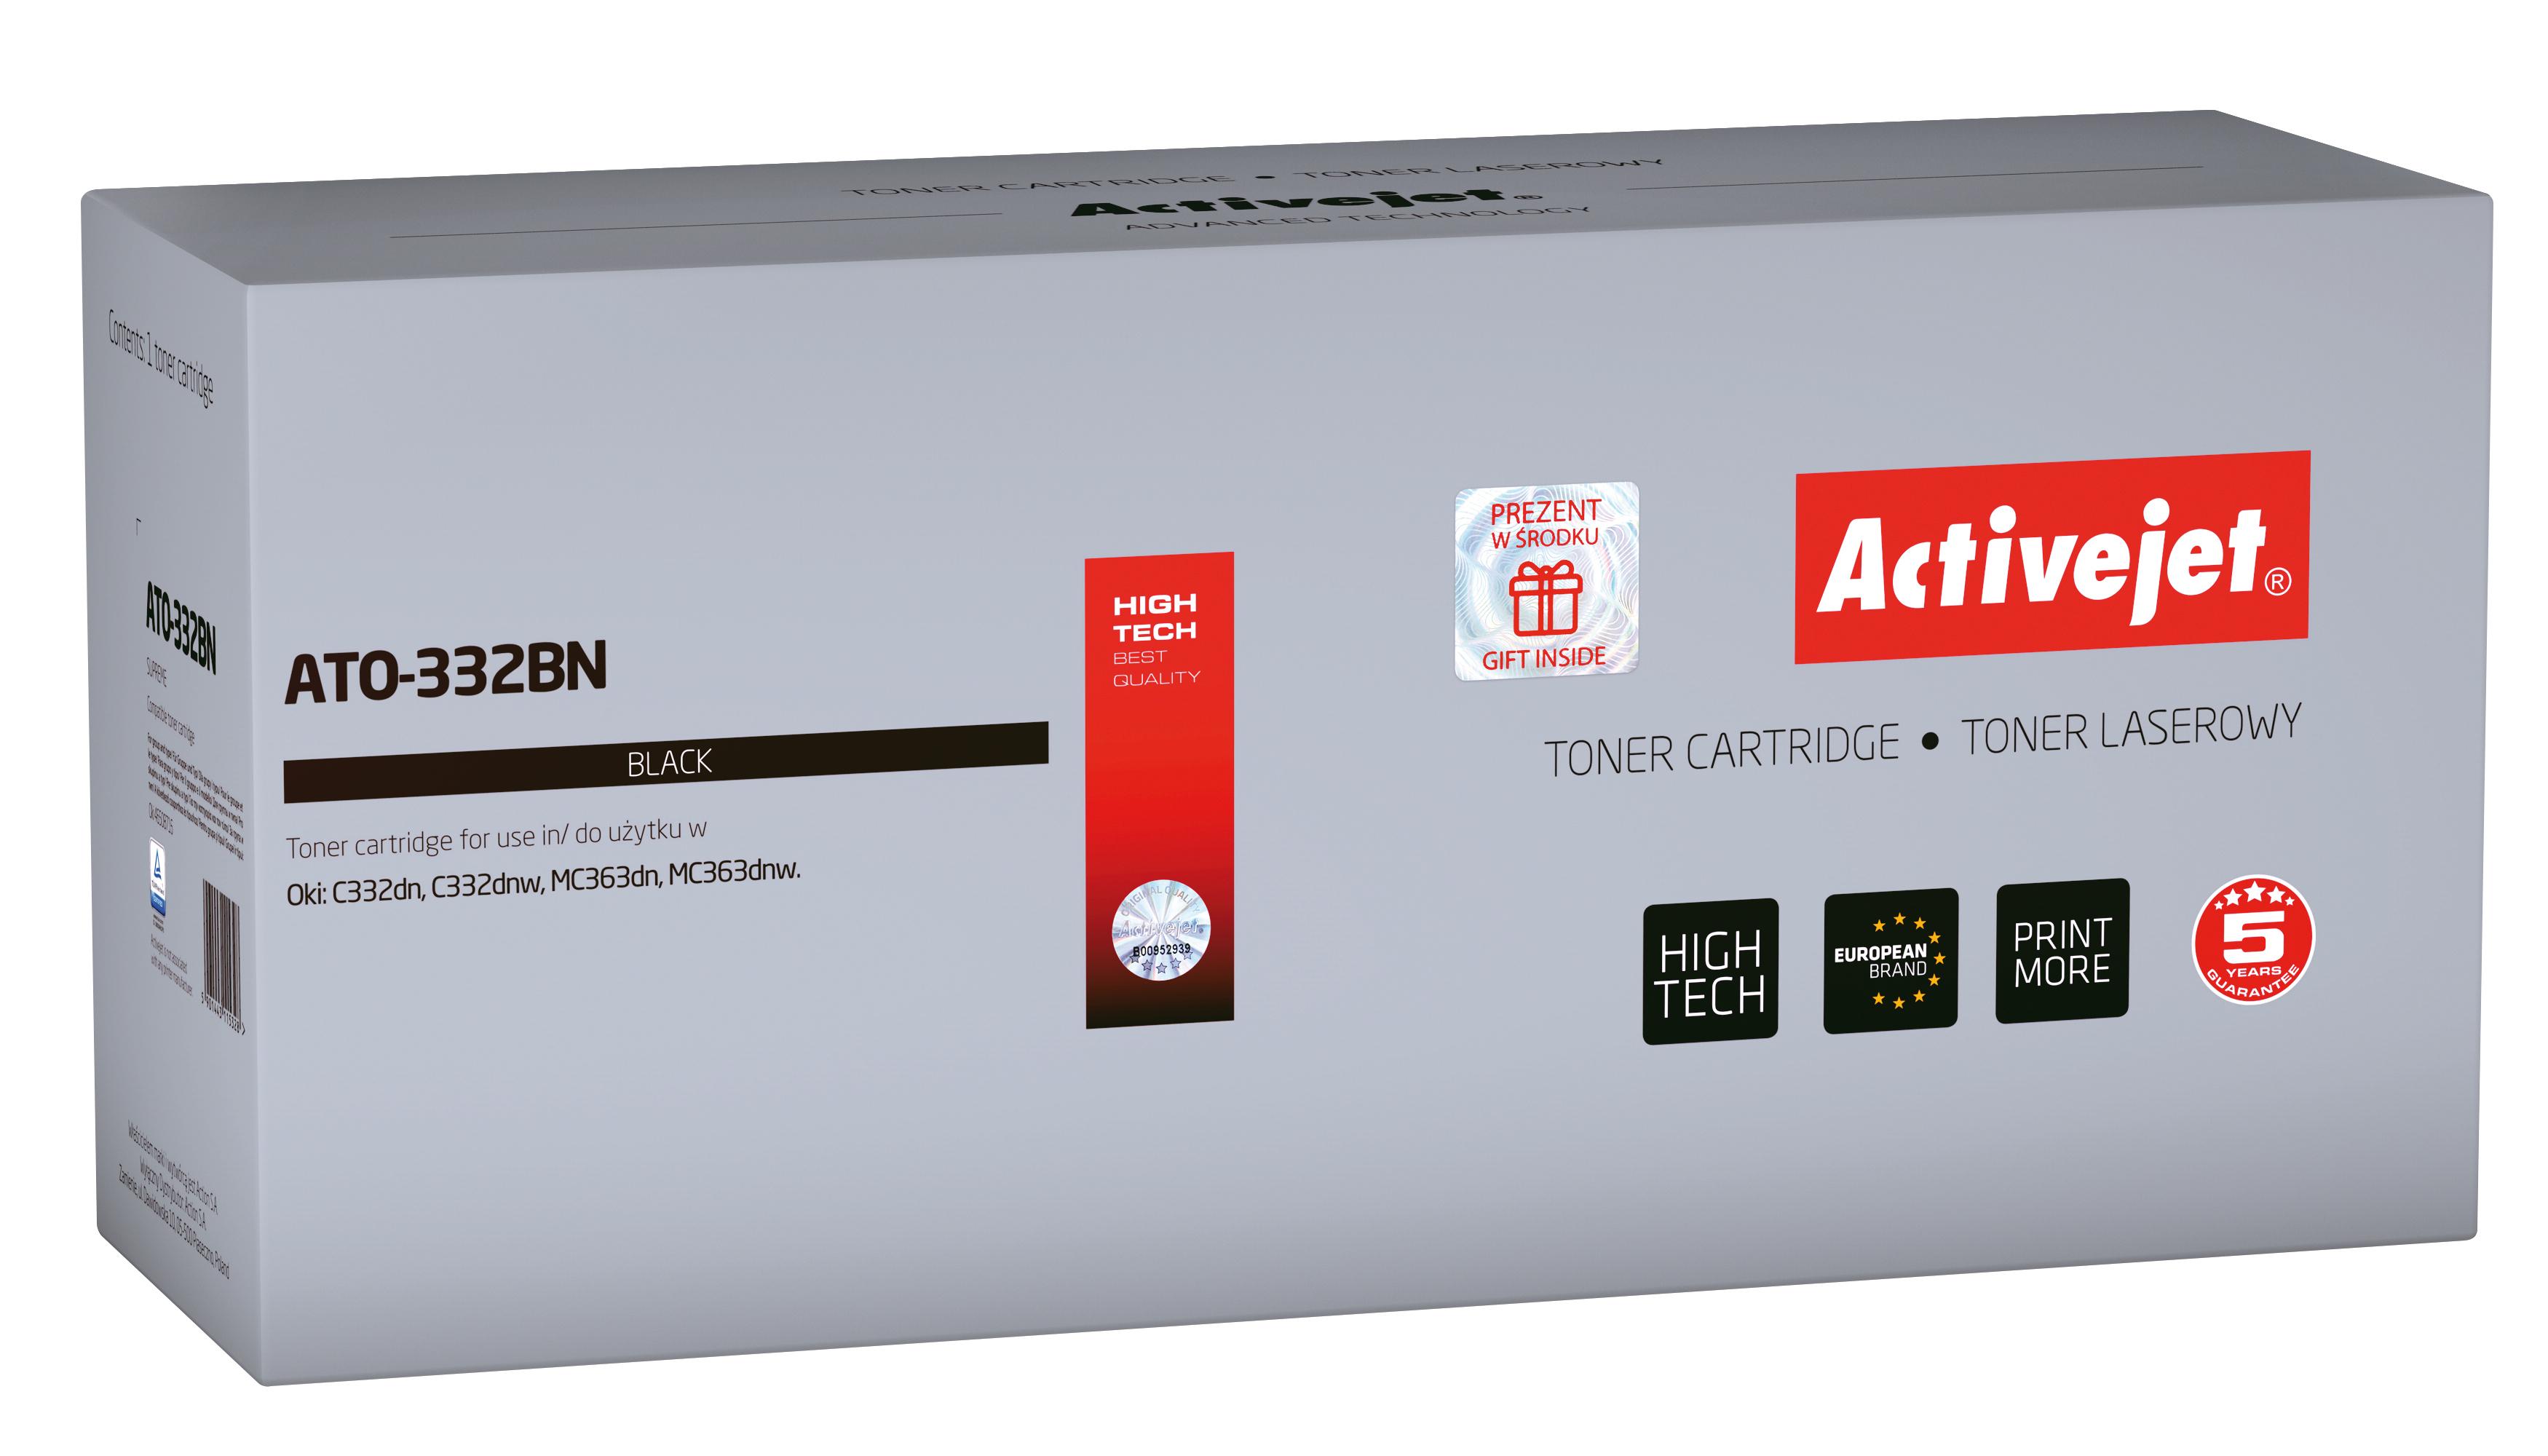 Toner Activejet  ATO-332BN do drukarki OKI, Zamiennik OKI 46508716; Supreme; 1500 stron; Czarny.